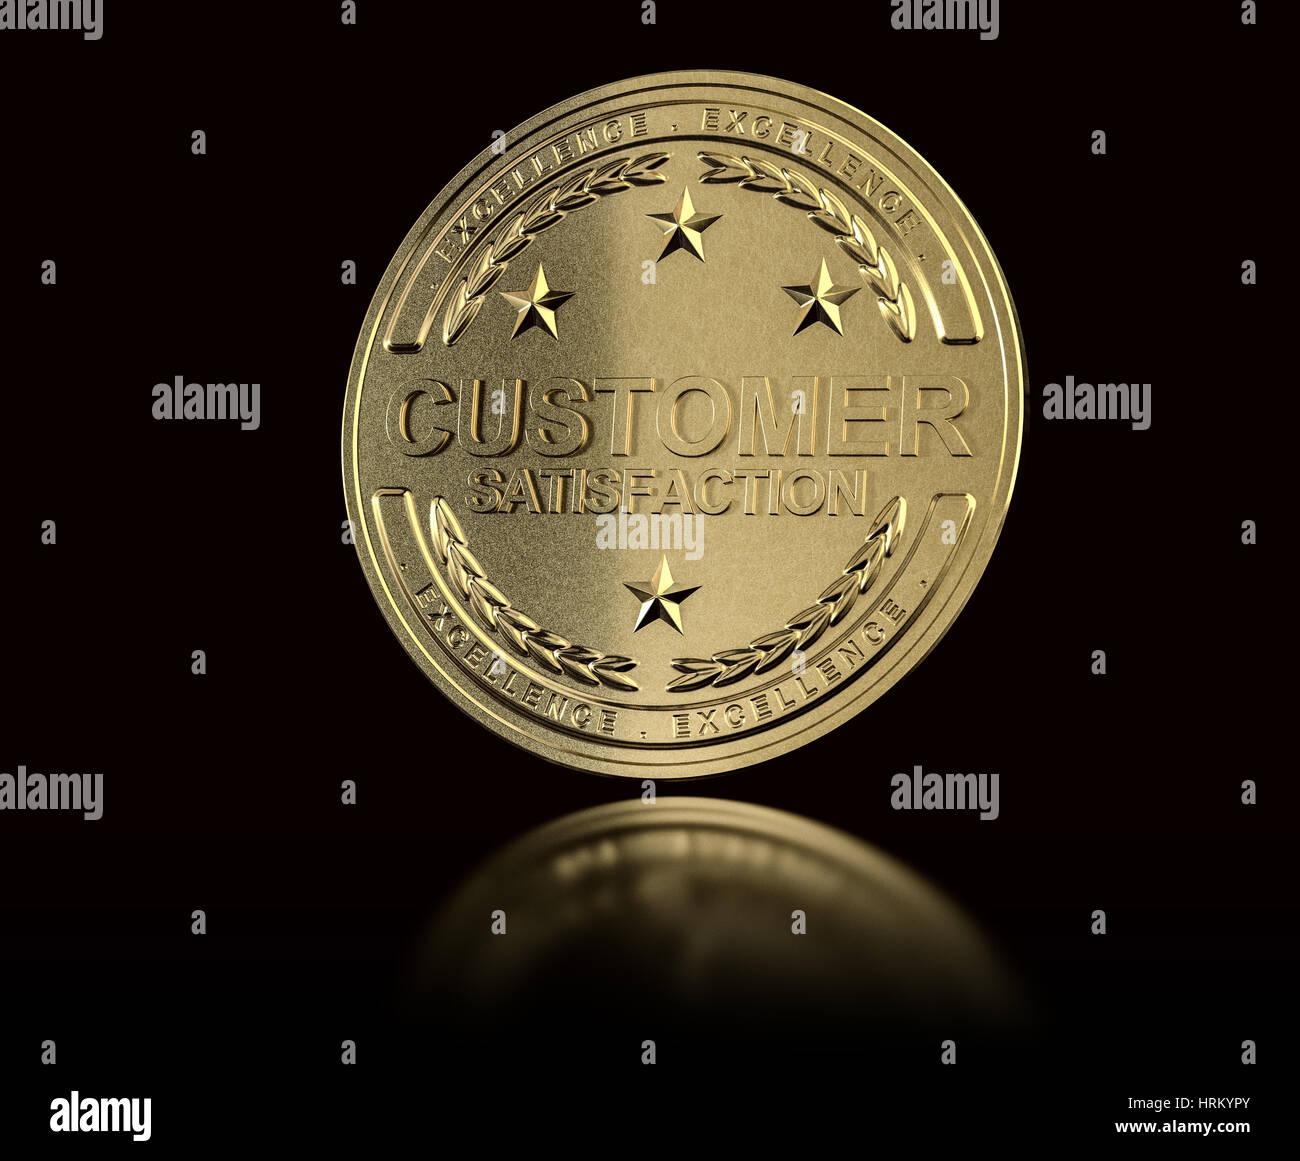 Golden customer satisfaction medal over black background. Concept of Customer Relationship Management. 3D illustration - Stock Image